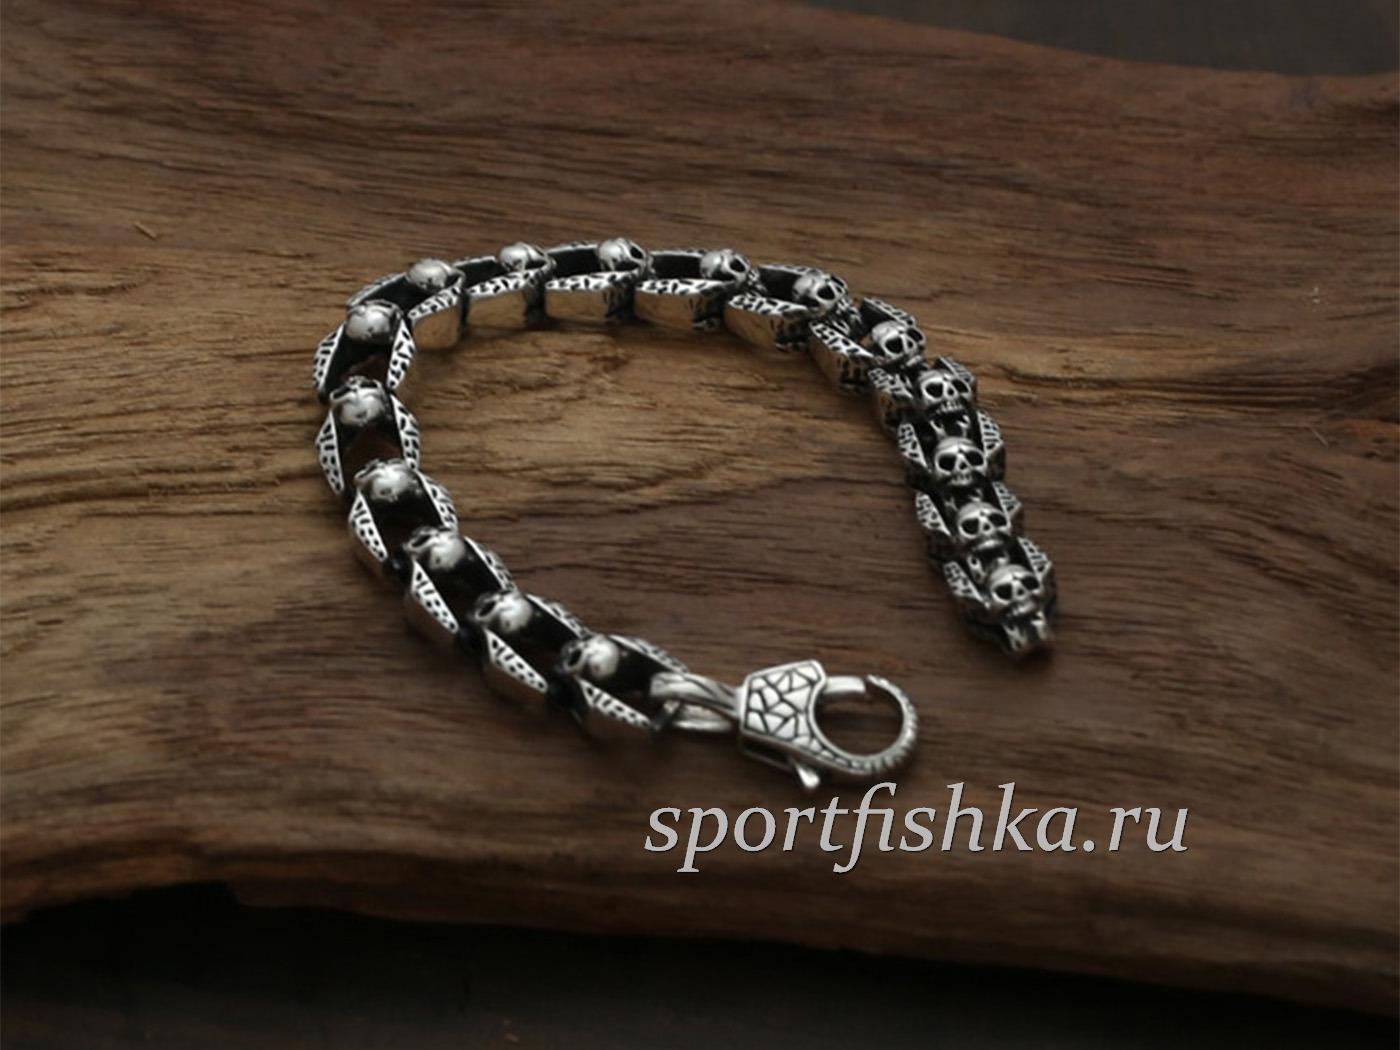 Мужские браслеты подарки мужчинам